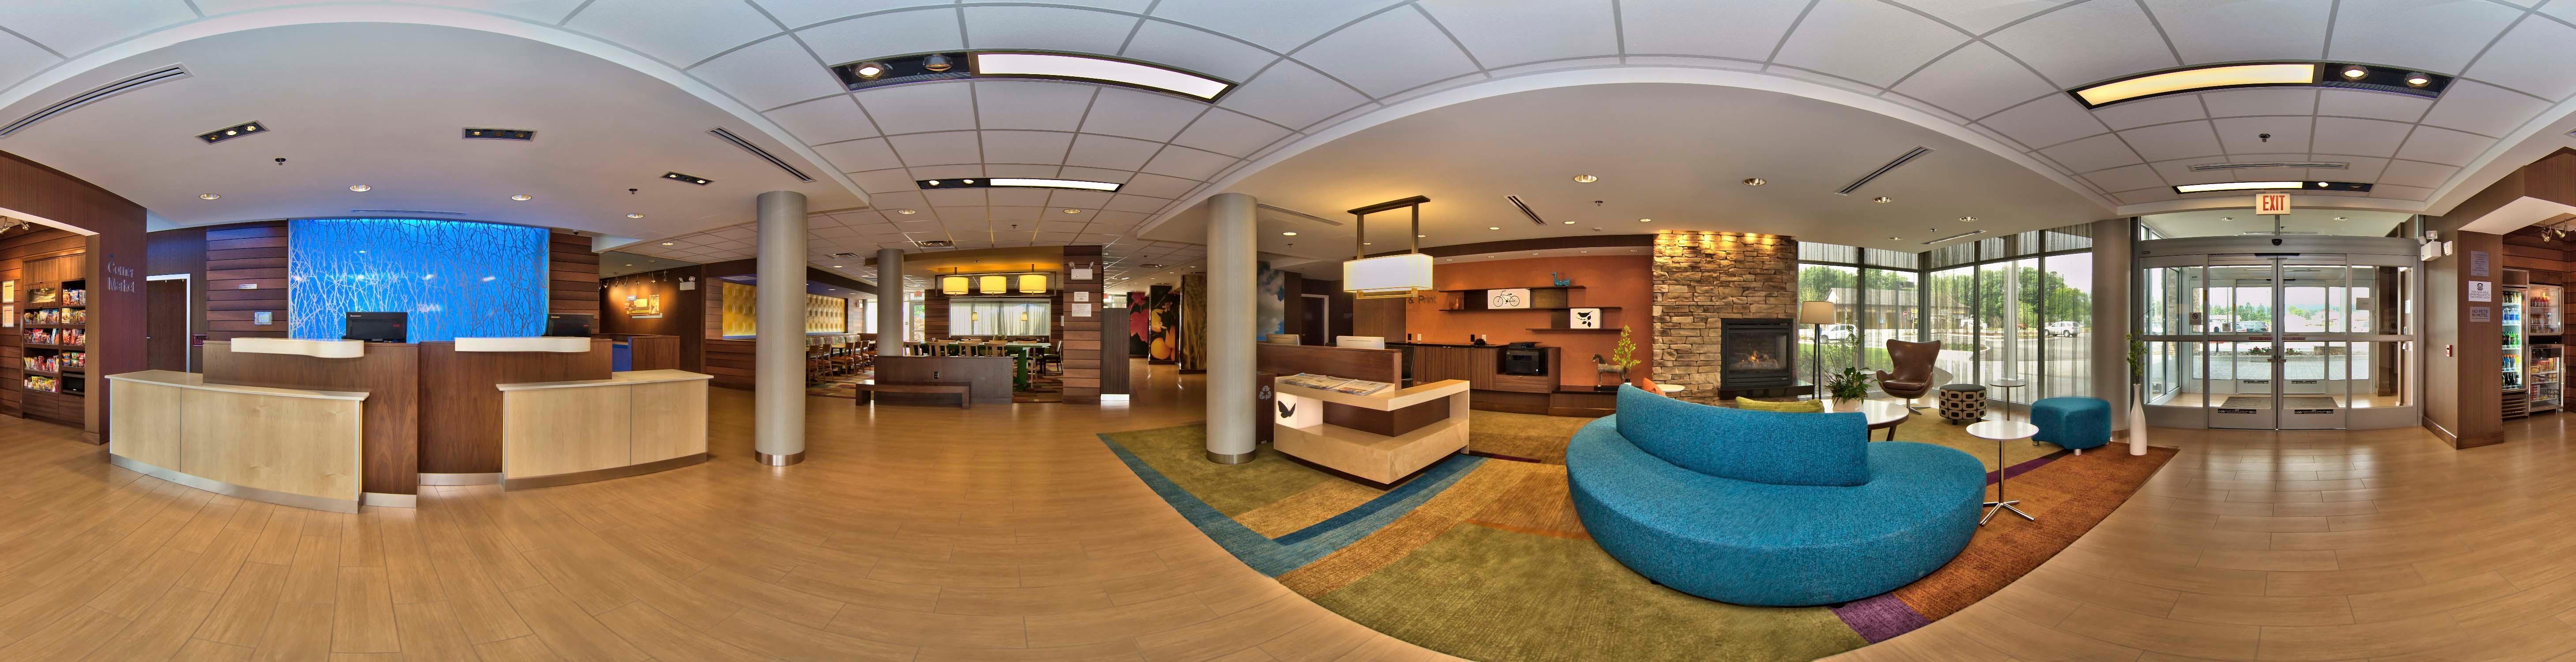 Fairfield Inn & Suites by Marriott Towanda Wysox image 1